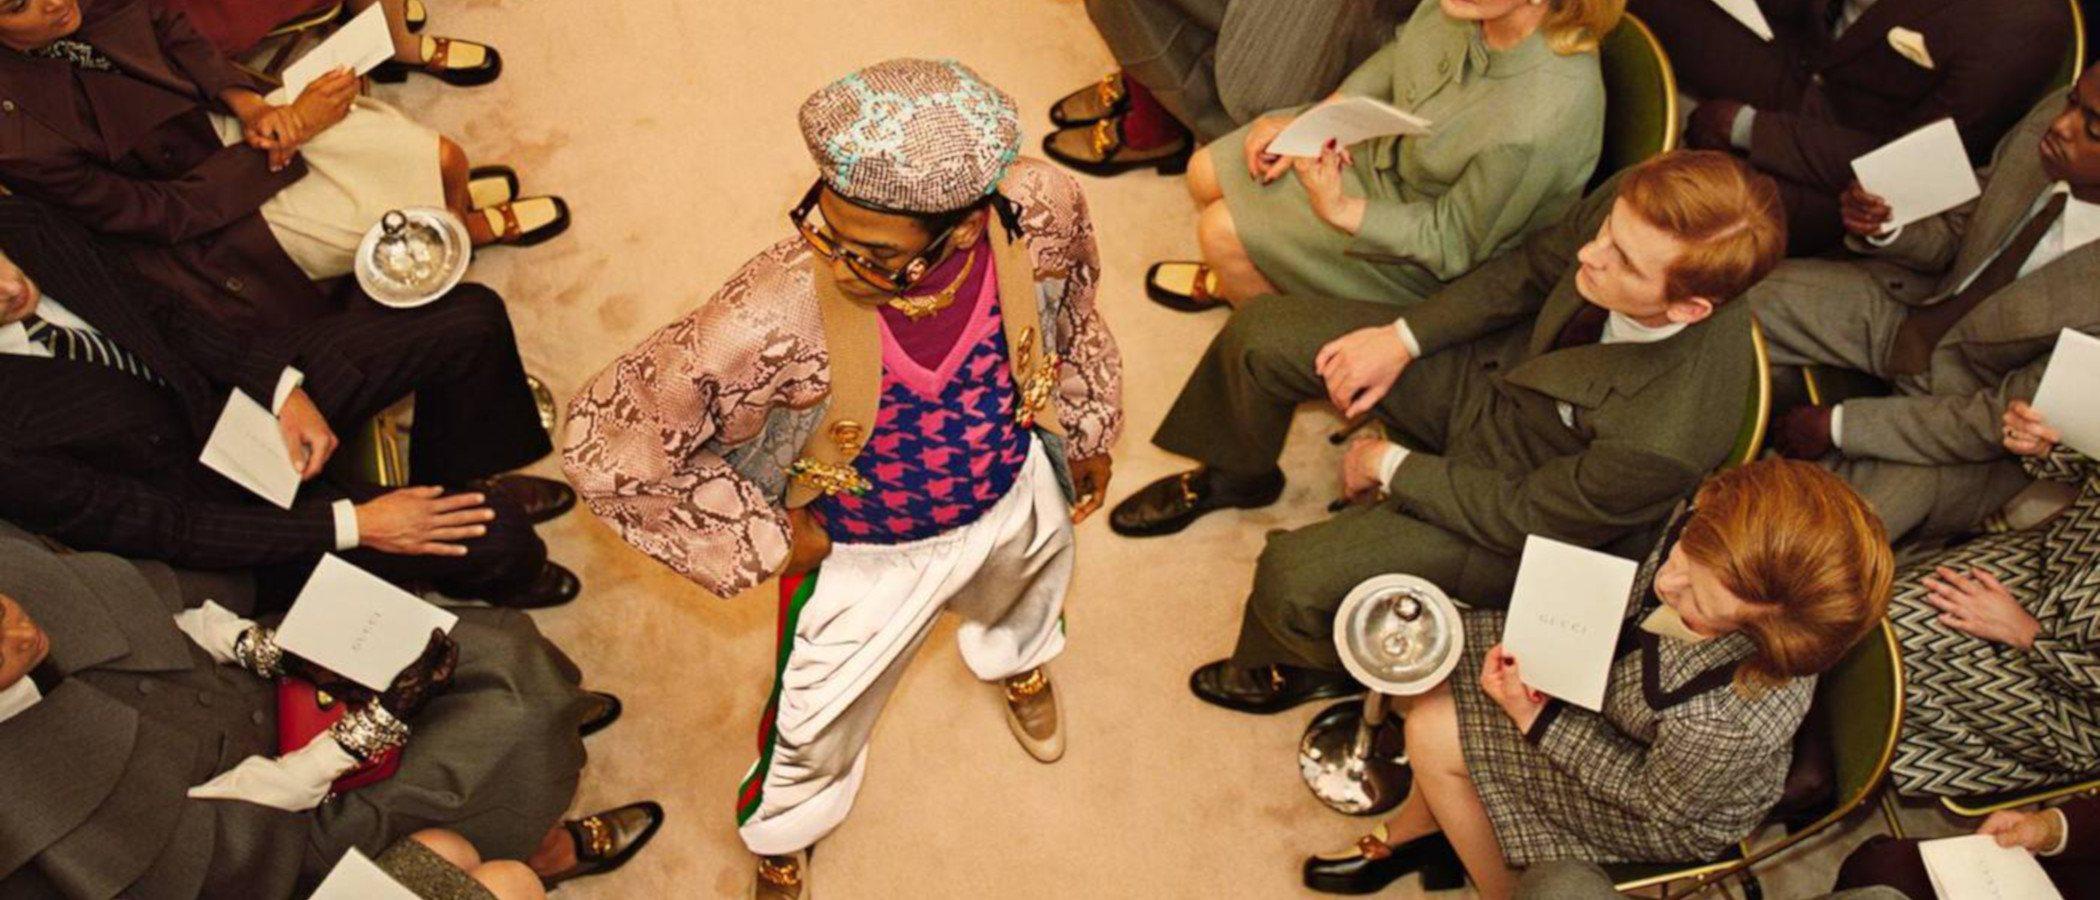 El centro de atención se desplaza en la campaña prêt á porter de Gucci